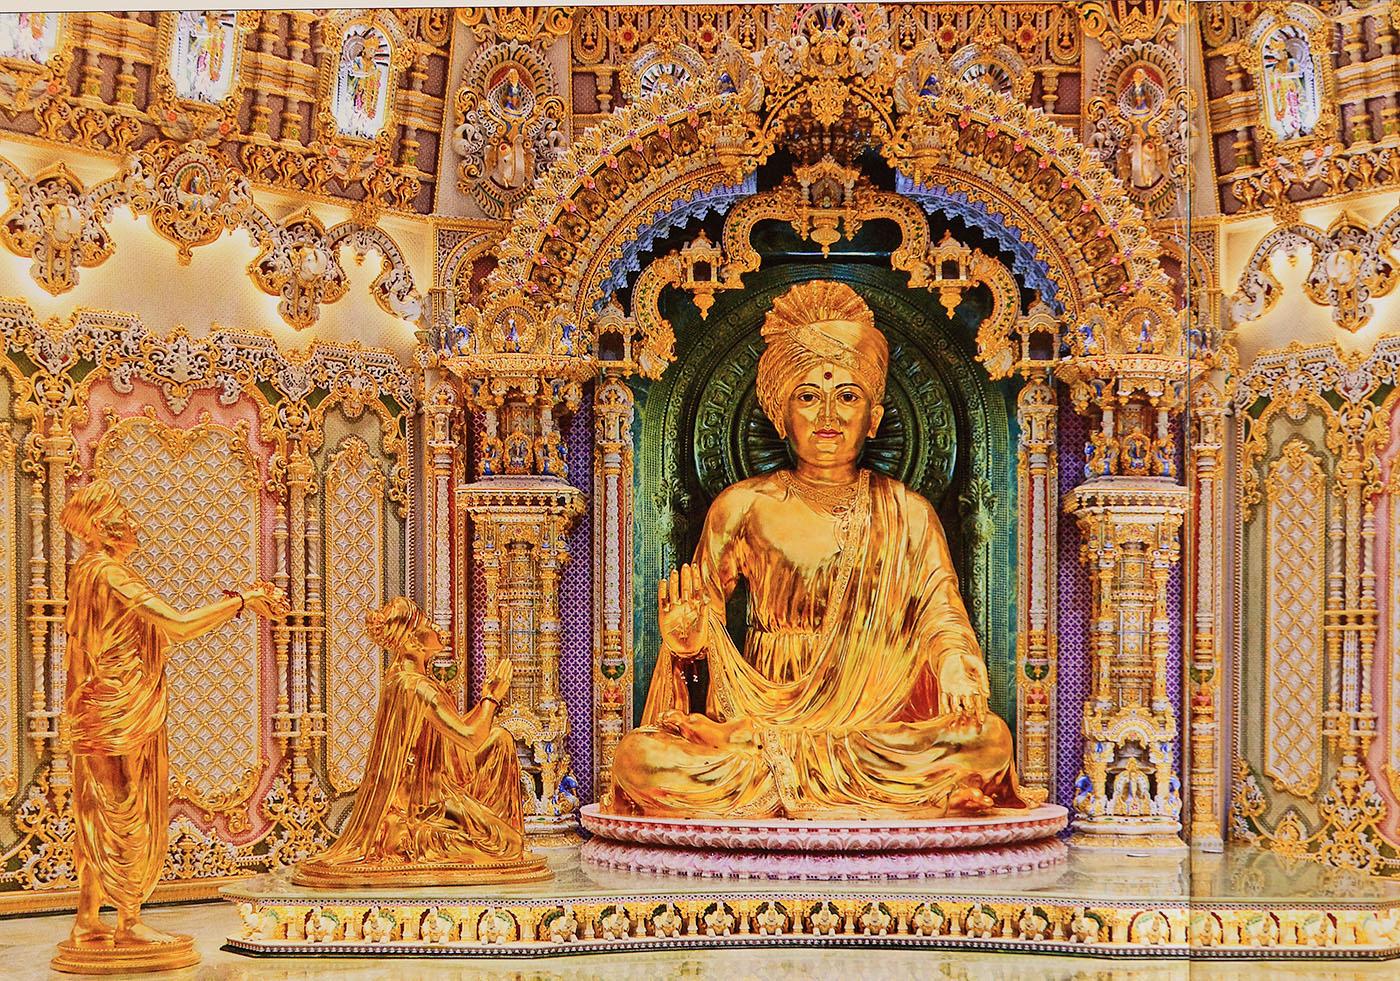 Фотография 19. Иллюстрация из путеводителя по Дели. Храм Акшардхам